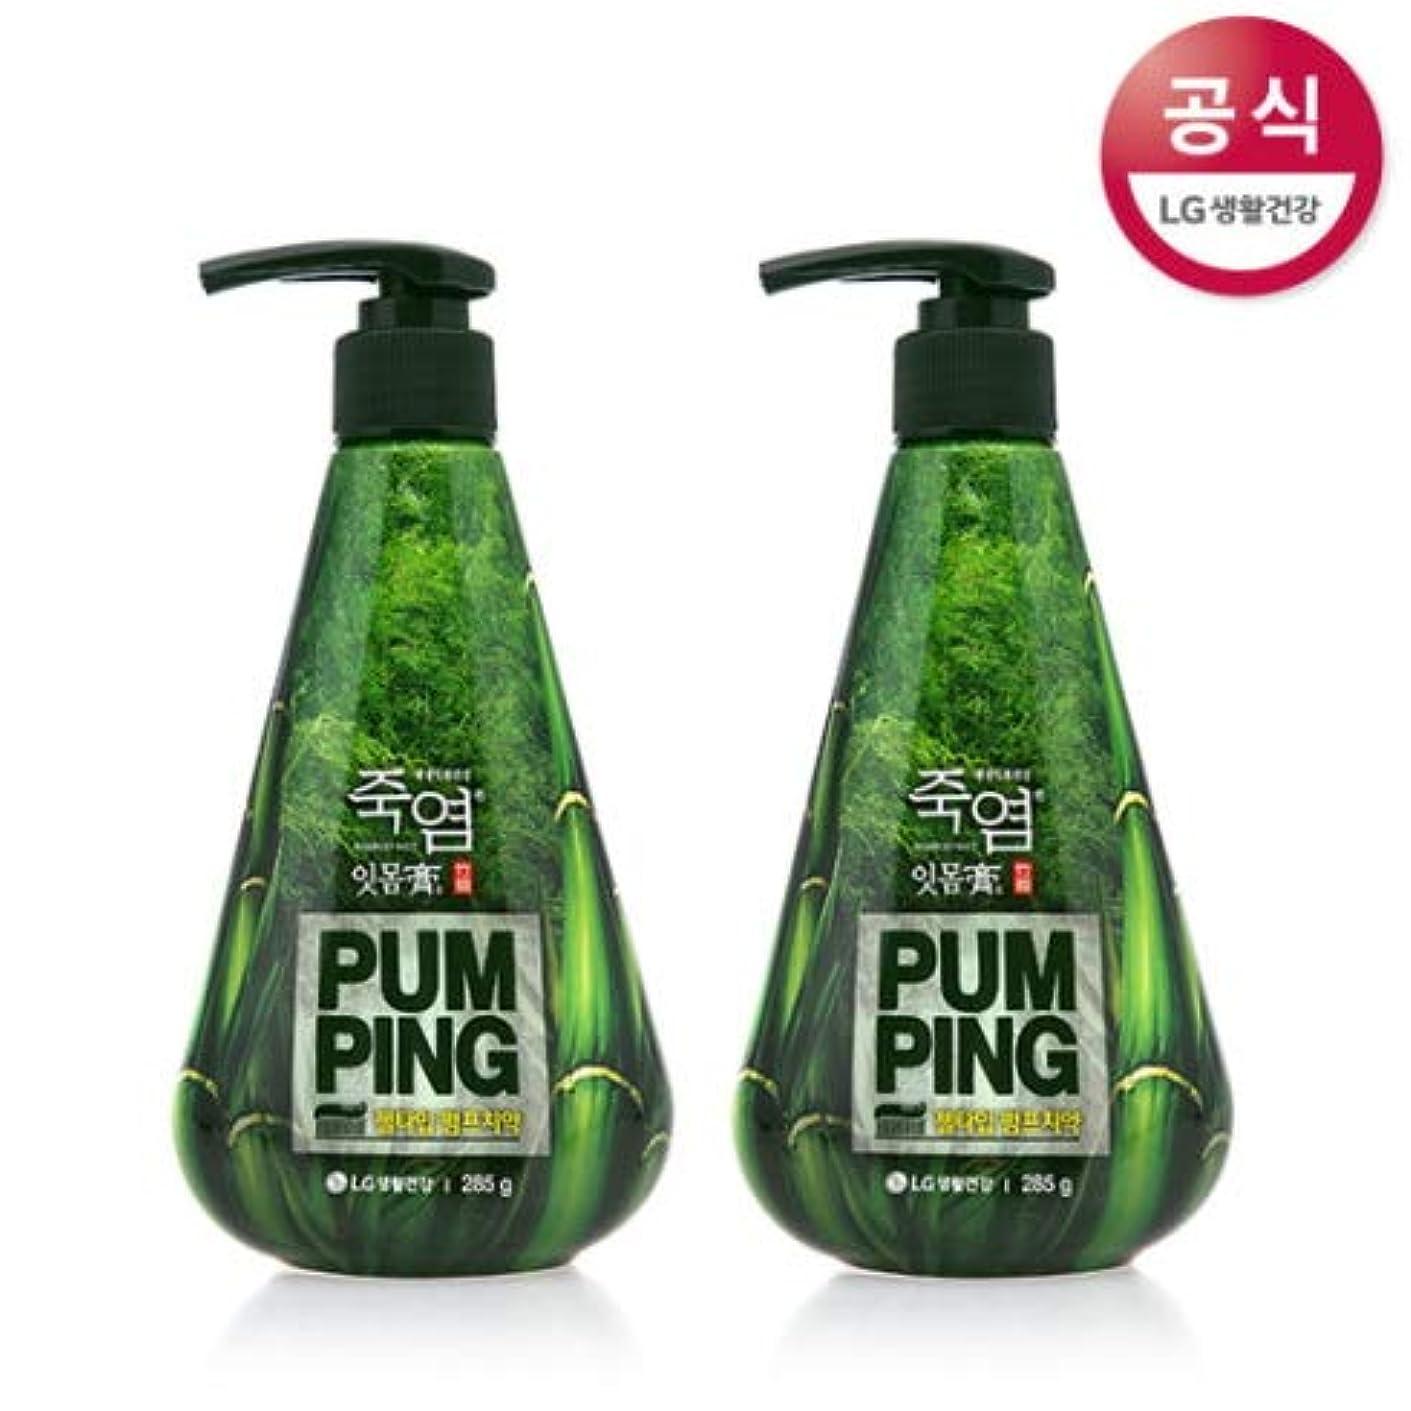 直面する潤滑する疾患[LG HnB] Bamboo salt gum and pumped toothpaste/竹塩ガムとポンピング歯磨き粉 285gx2個(海外直送品)